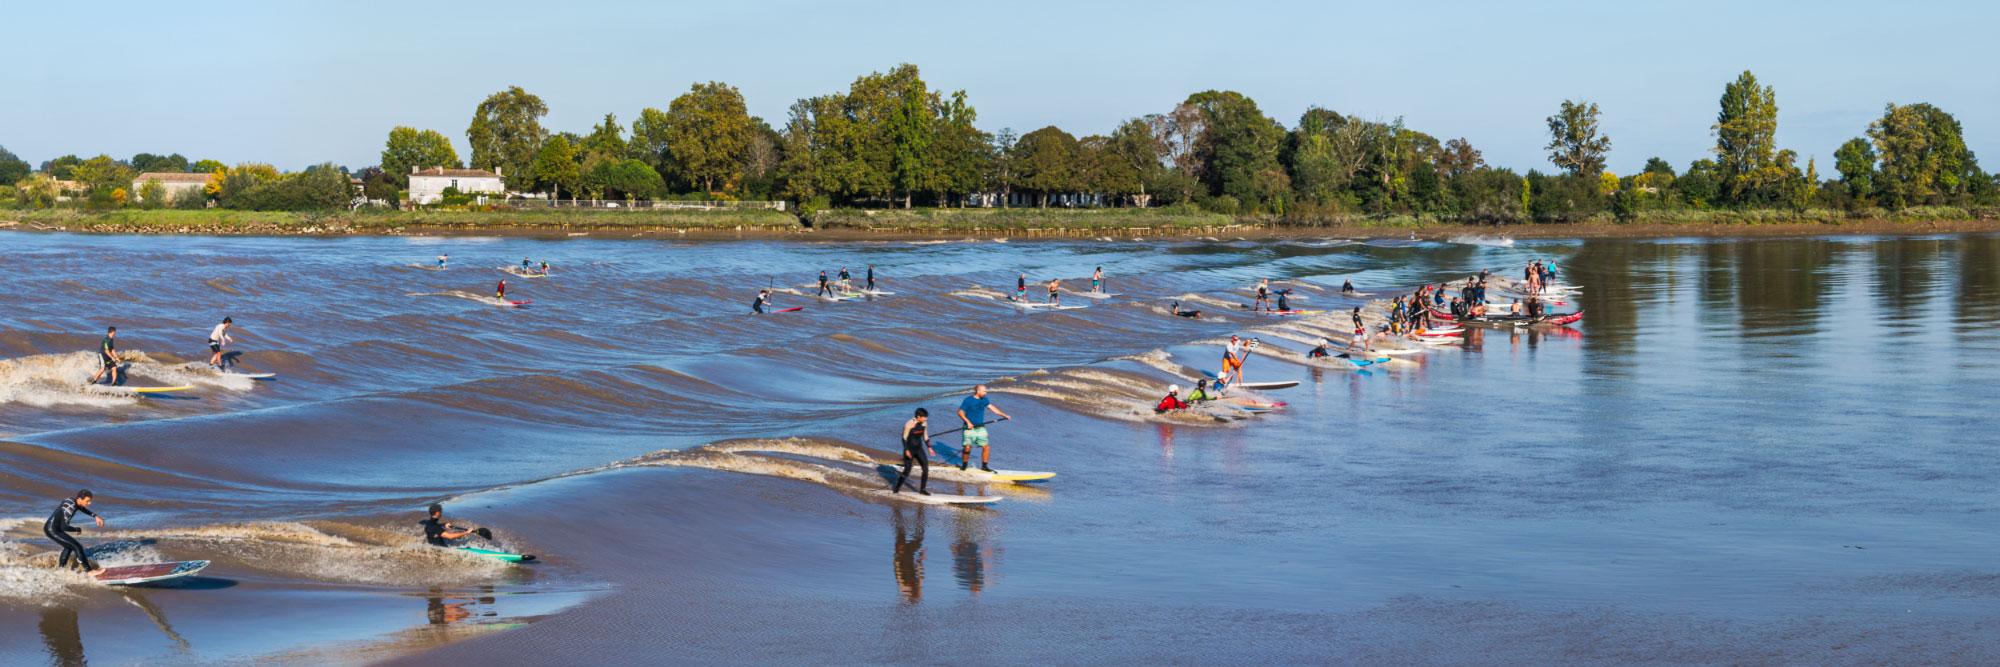 Surfeurs à Saint-Pardon, mascaret sur la Dordogne